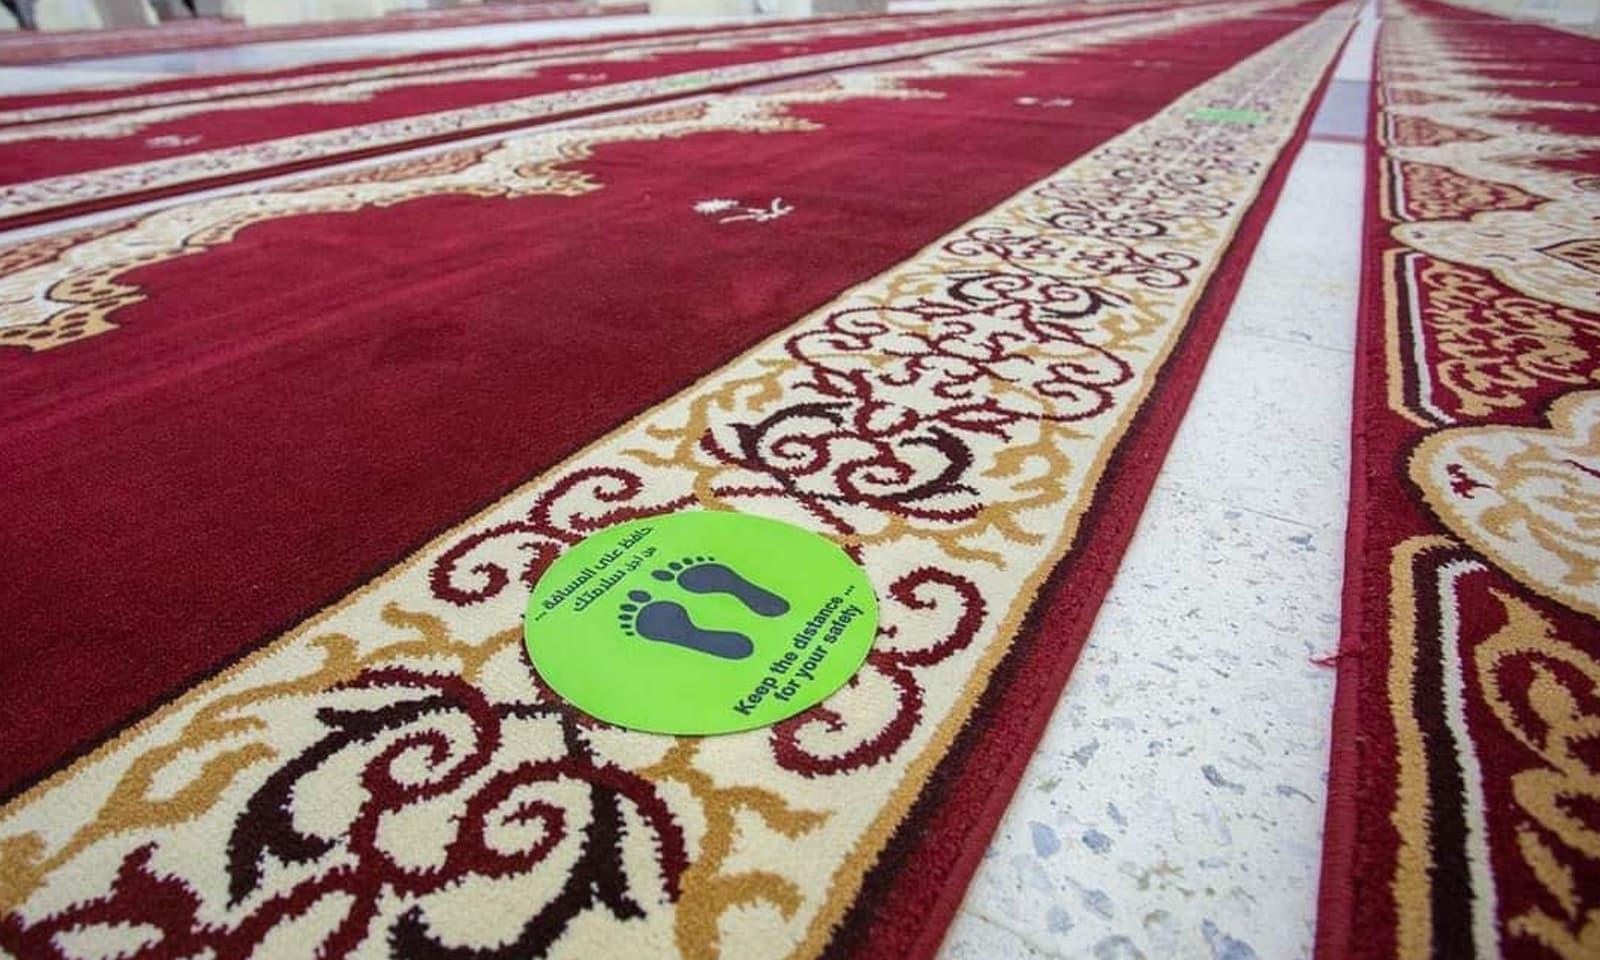 مسجد نمرہ میں نمازیوں کے درمیان سماجی فاصلہ برقرار رکھنے کے انتظامات کیے گئے ہیں — فوٹو بشکریہ حرمین آفیشل ٹوئٹر اکاؤنٹ